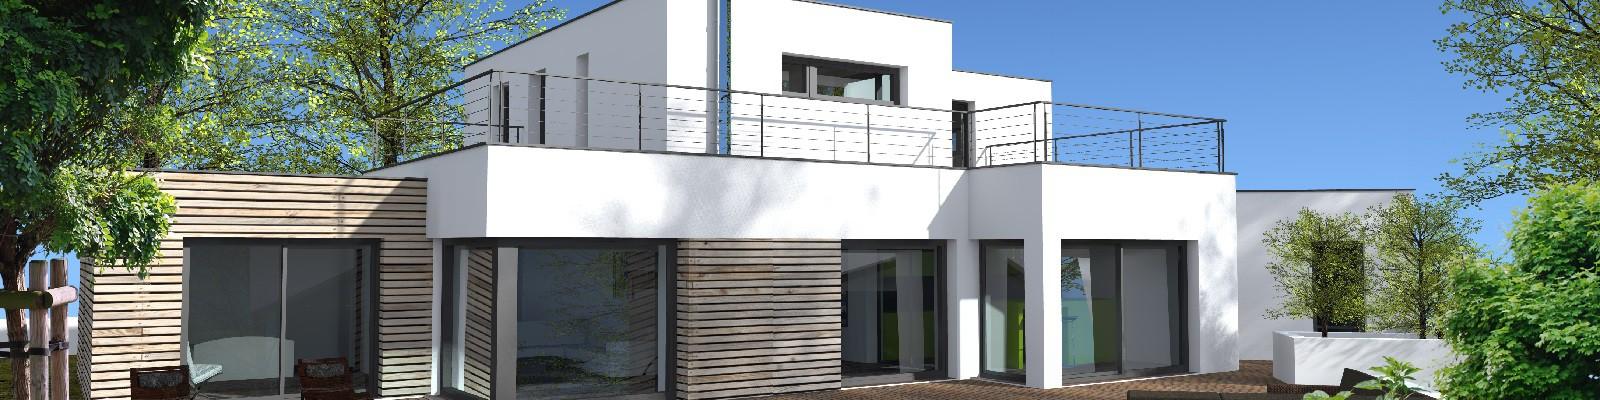 constructeur maison finistere sud